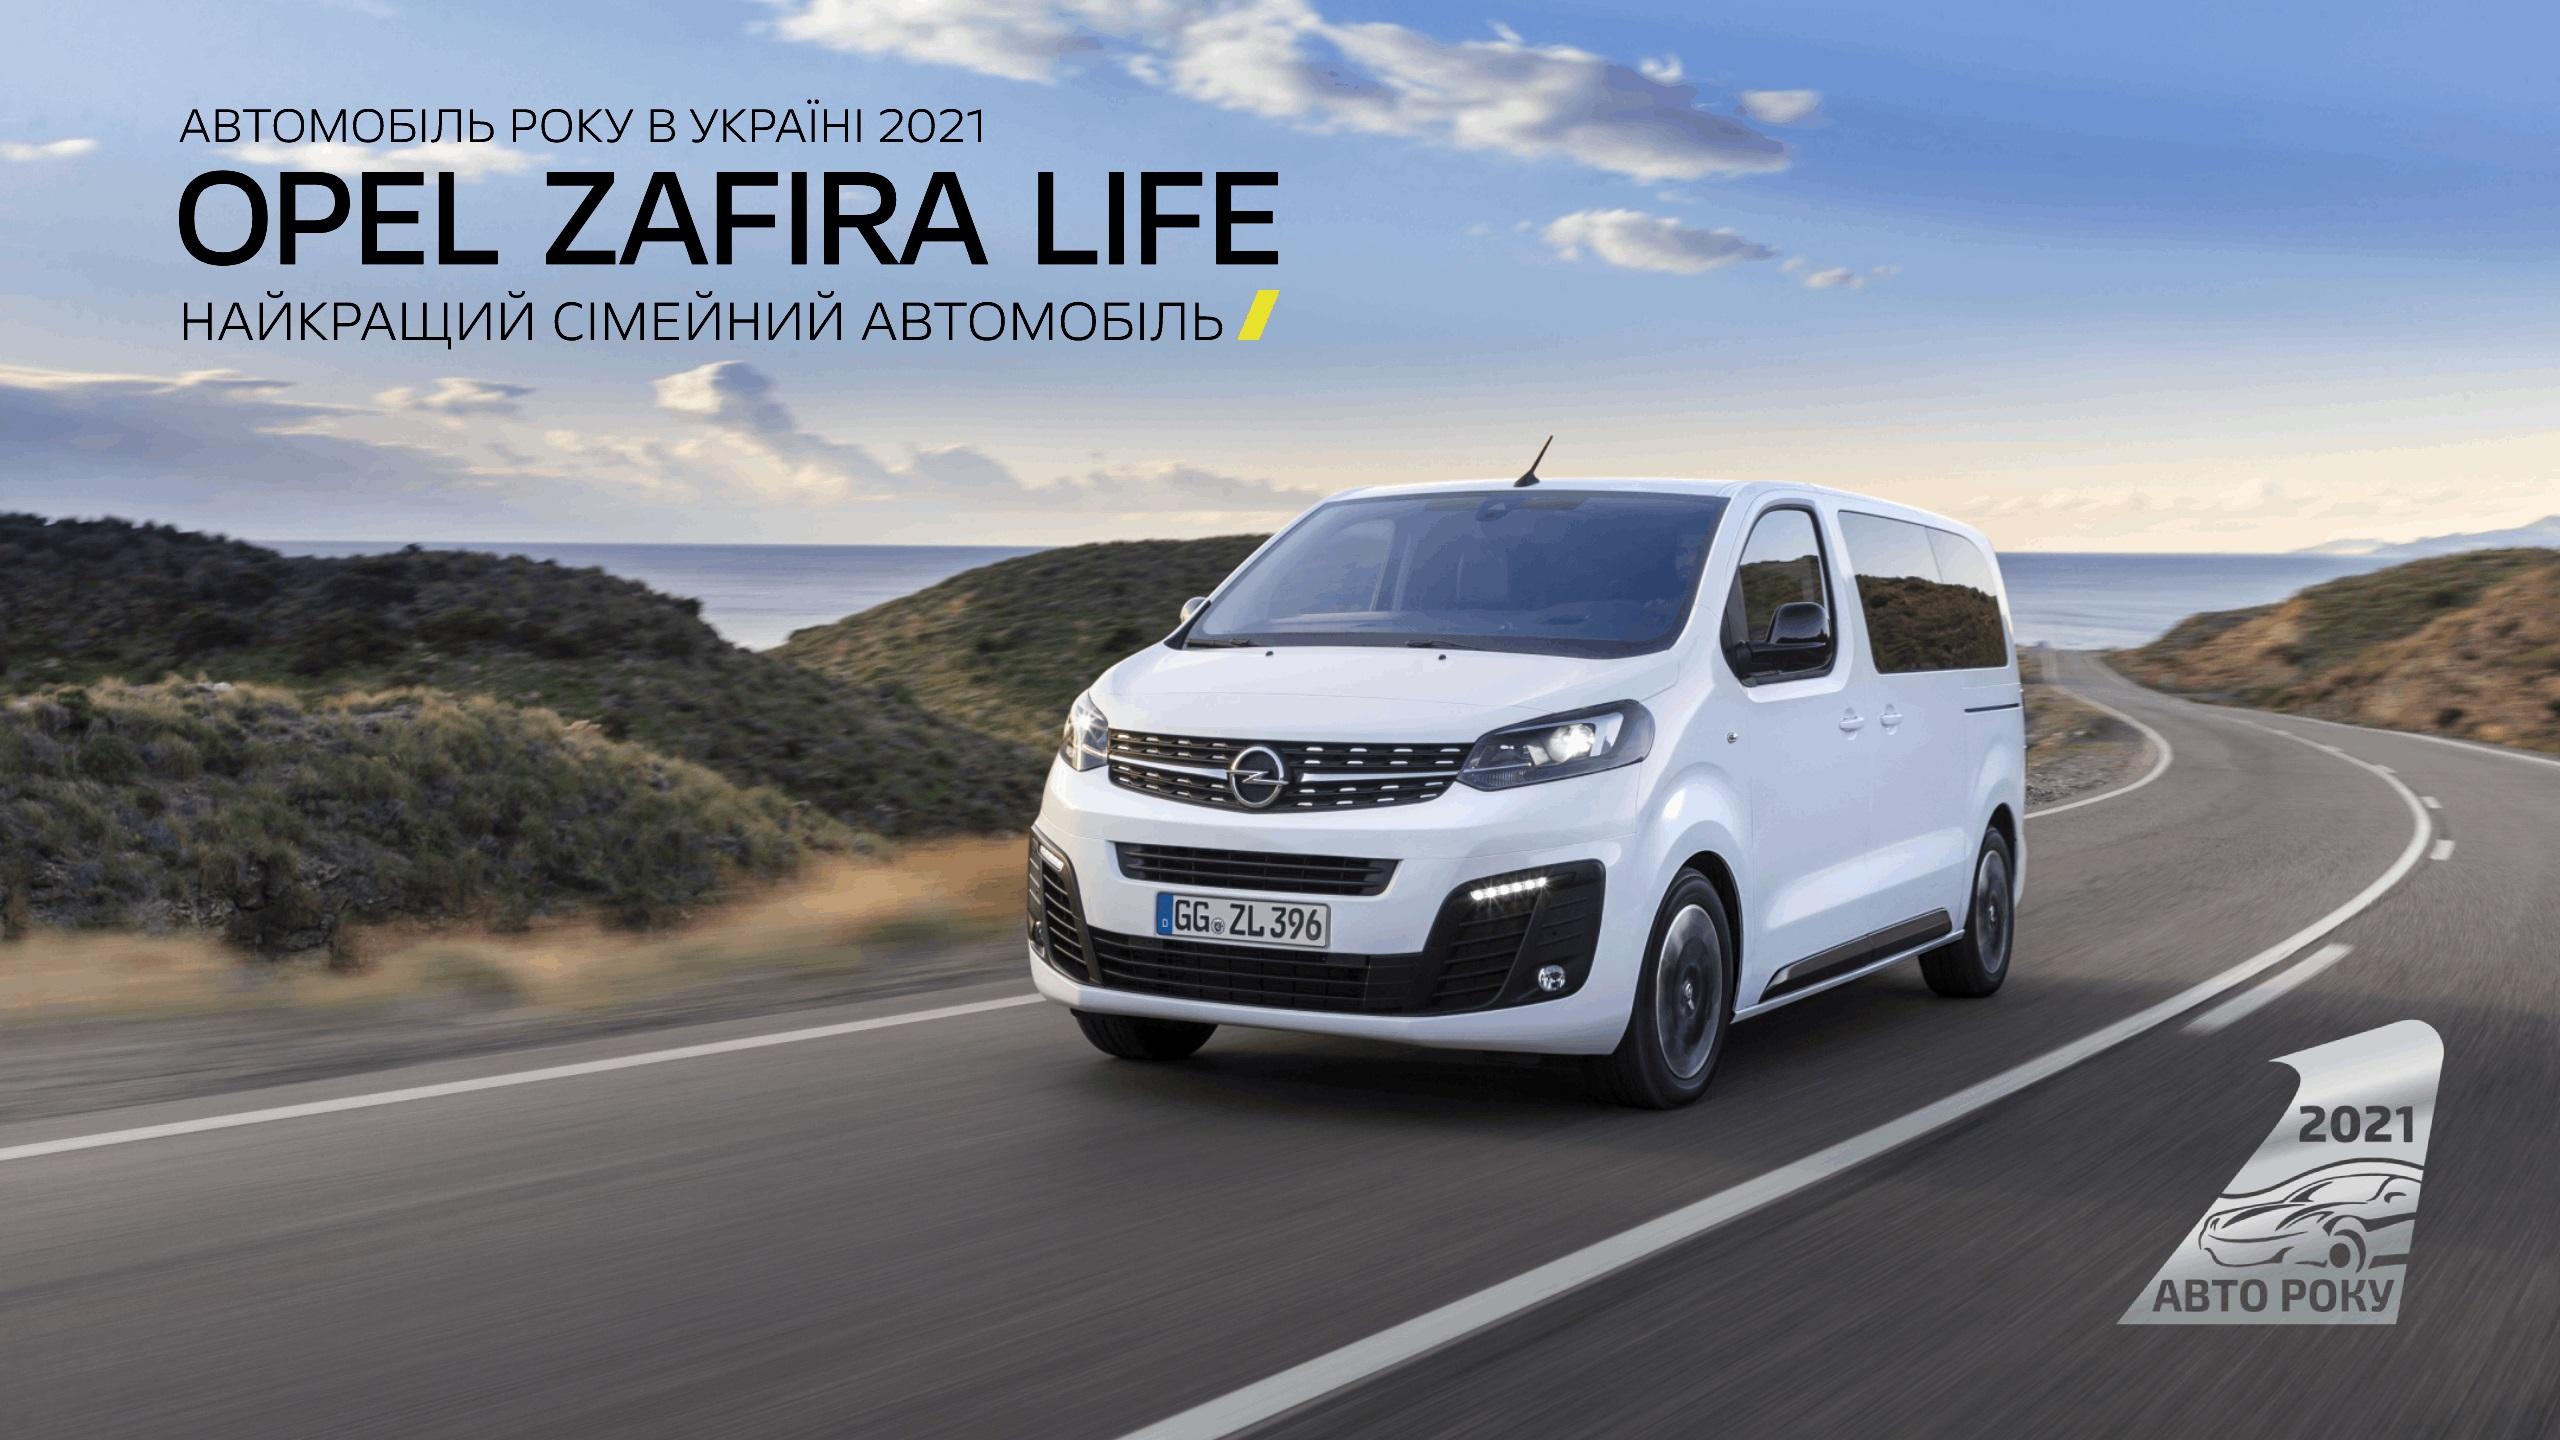 Одразу 2 моделі отримали титул в акції «Автомобіль року в Україні 2021»